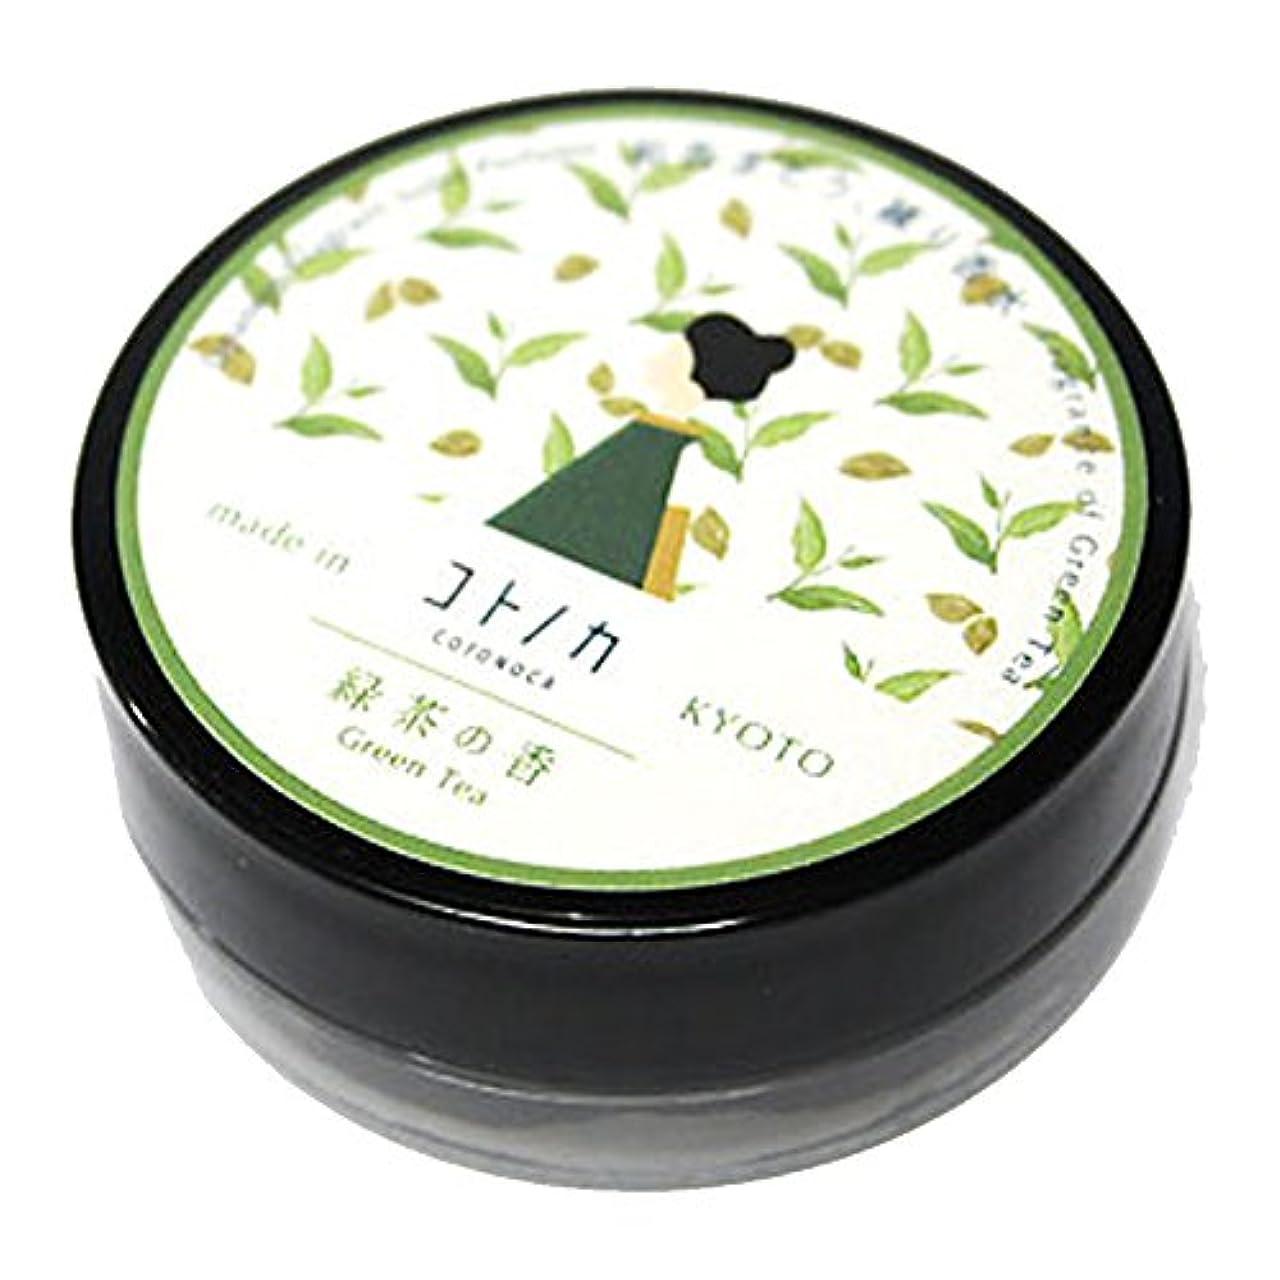 幸運な金銭的ブランド名コトノカ 練り香水 緑茶の香り